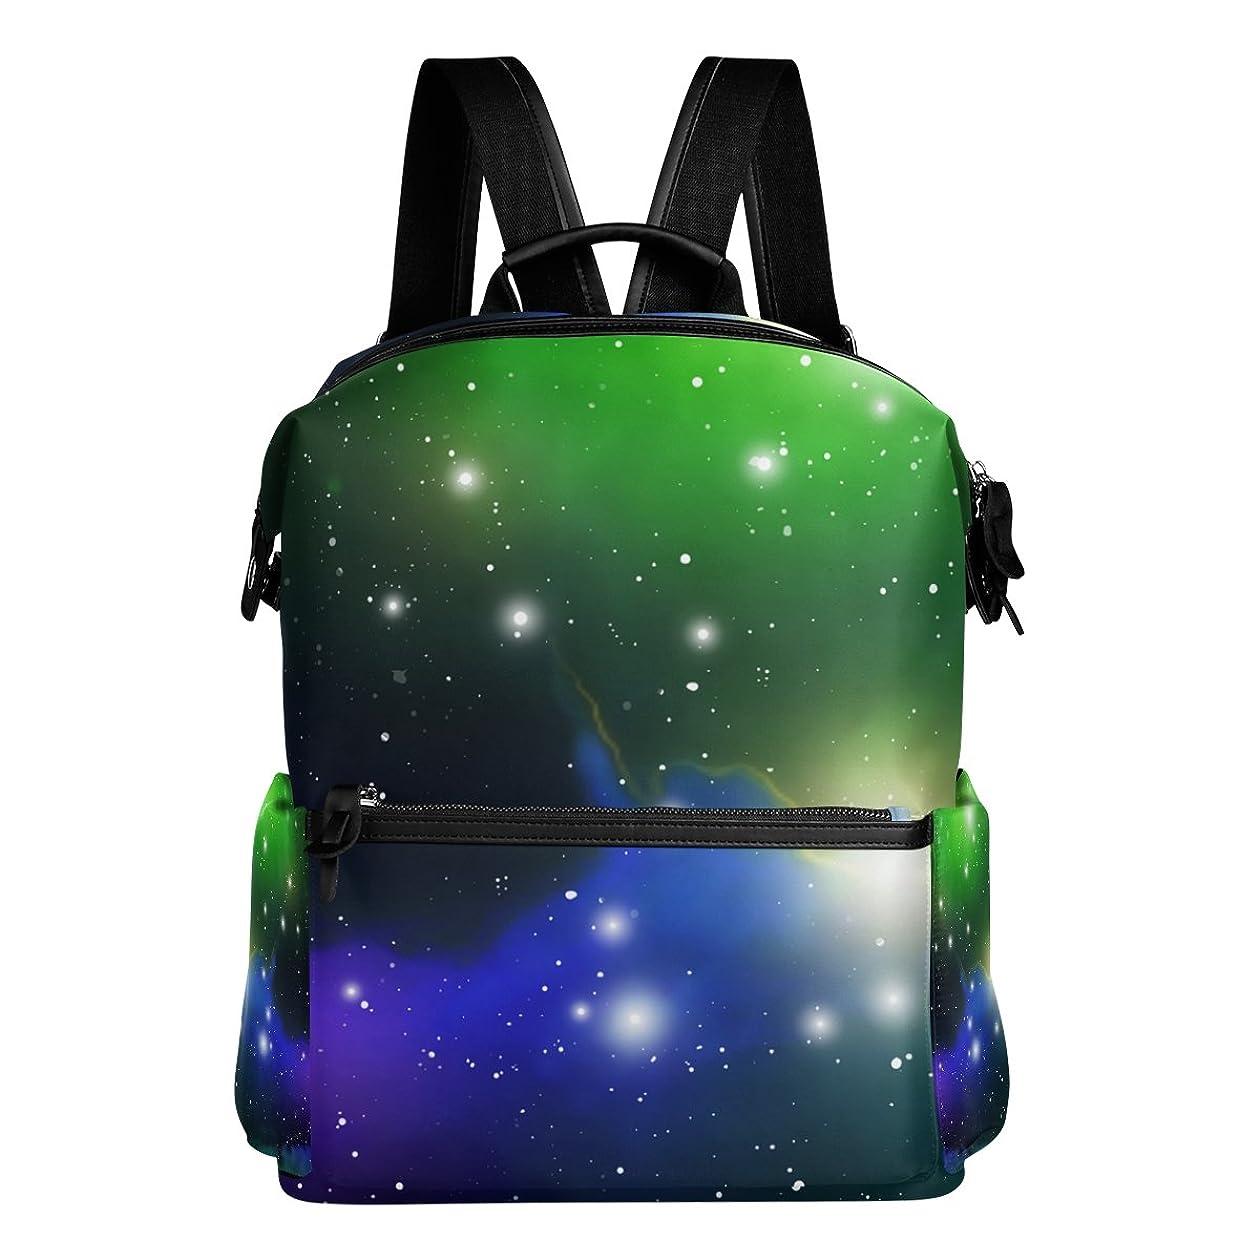 インシュレータホスト透けて見えるAyuStyle リュック リュックサック 星柄 天体 夜空 オーロラ 個性的なデザイン おしゃれ かっこいい メンズ レディース 男女兼用 大容量 高校生 大学生 通学 アクセント バックパック